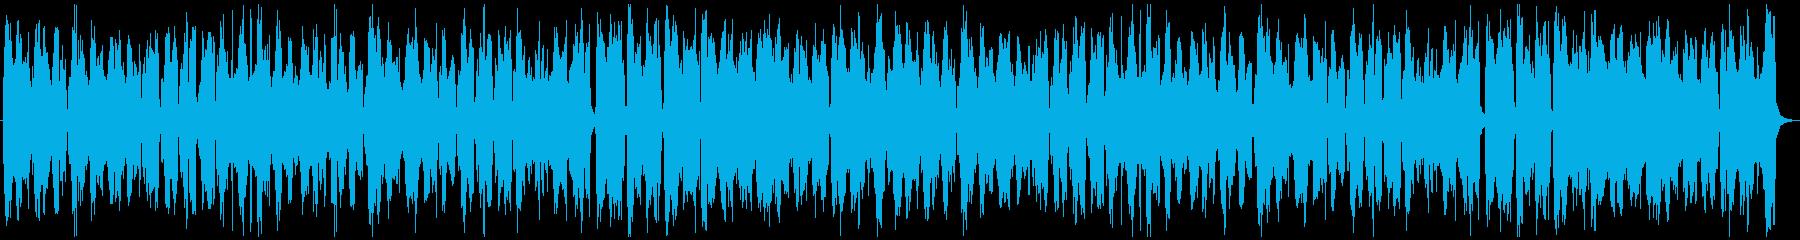 フランス音楽風、アコーディオン、ワルツの再生済みの波形